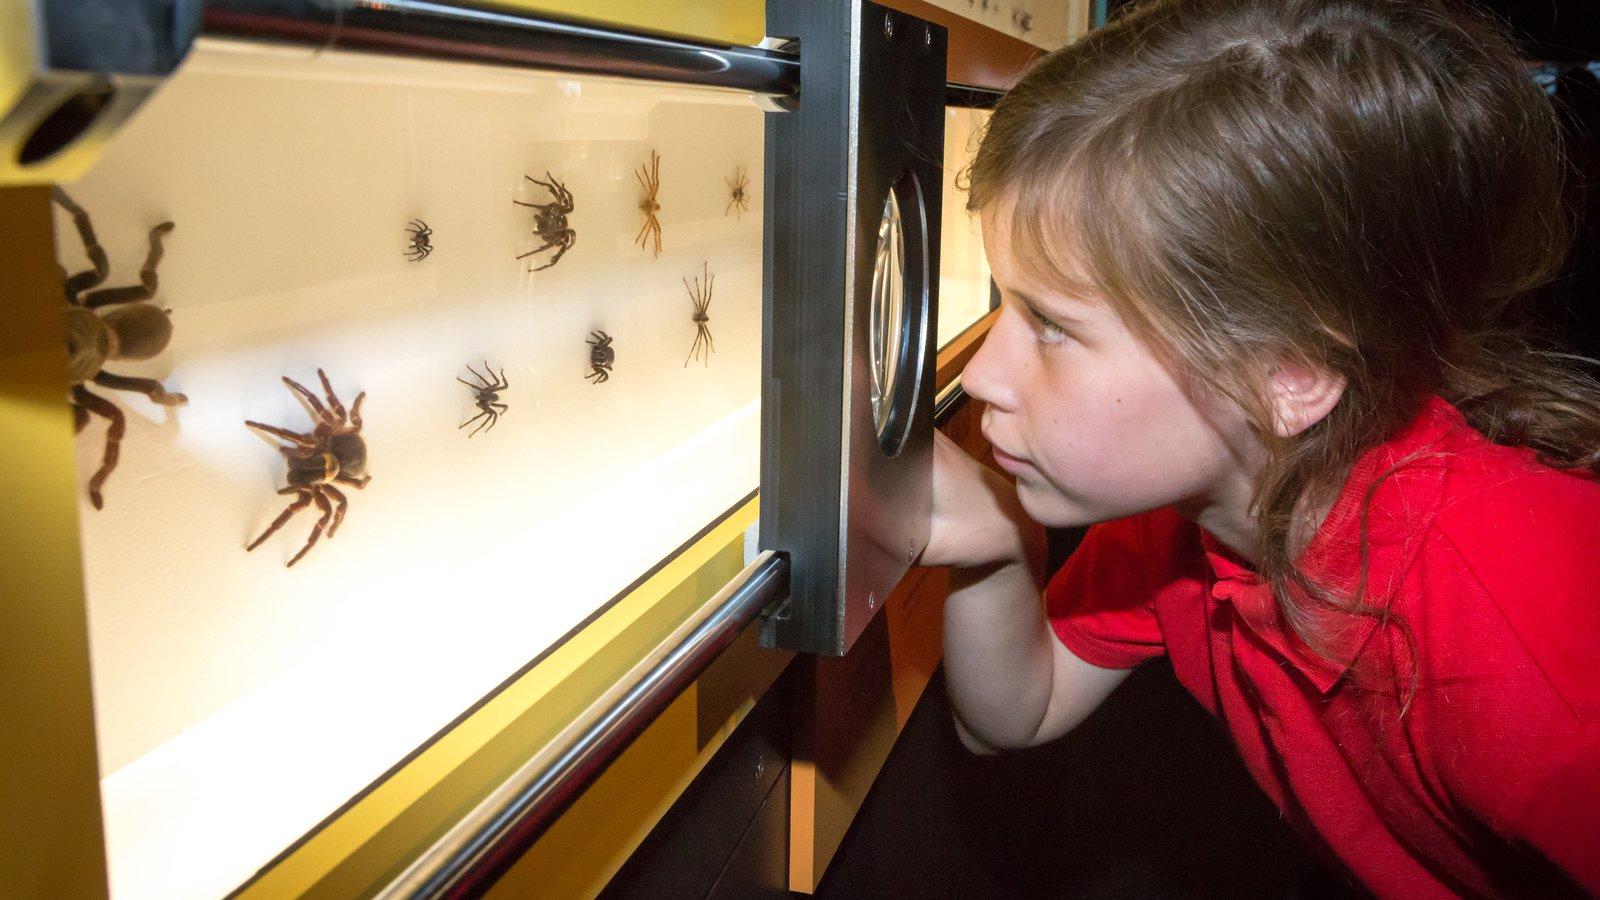 Spiders exhibition at Questacon (14)